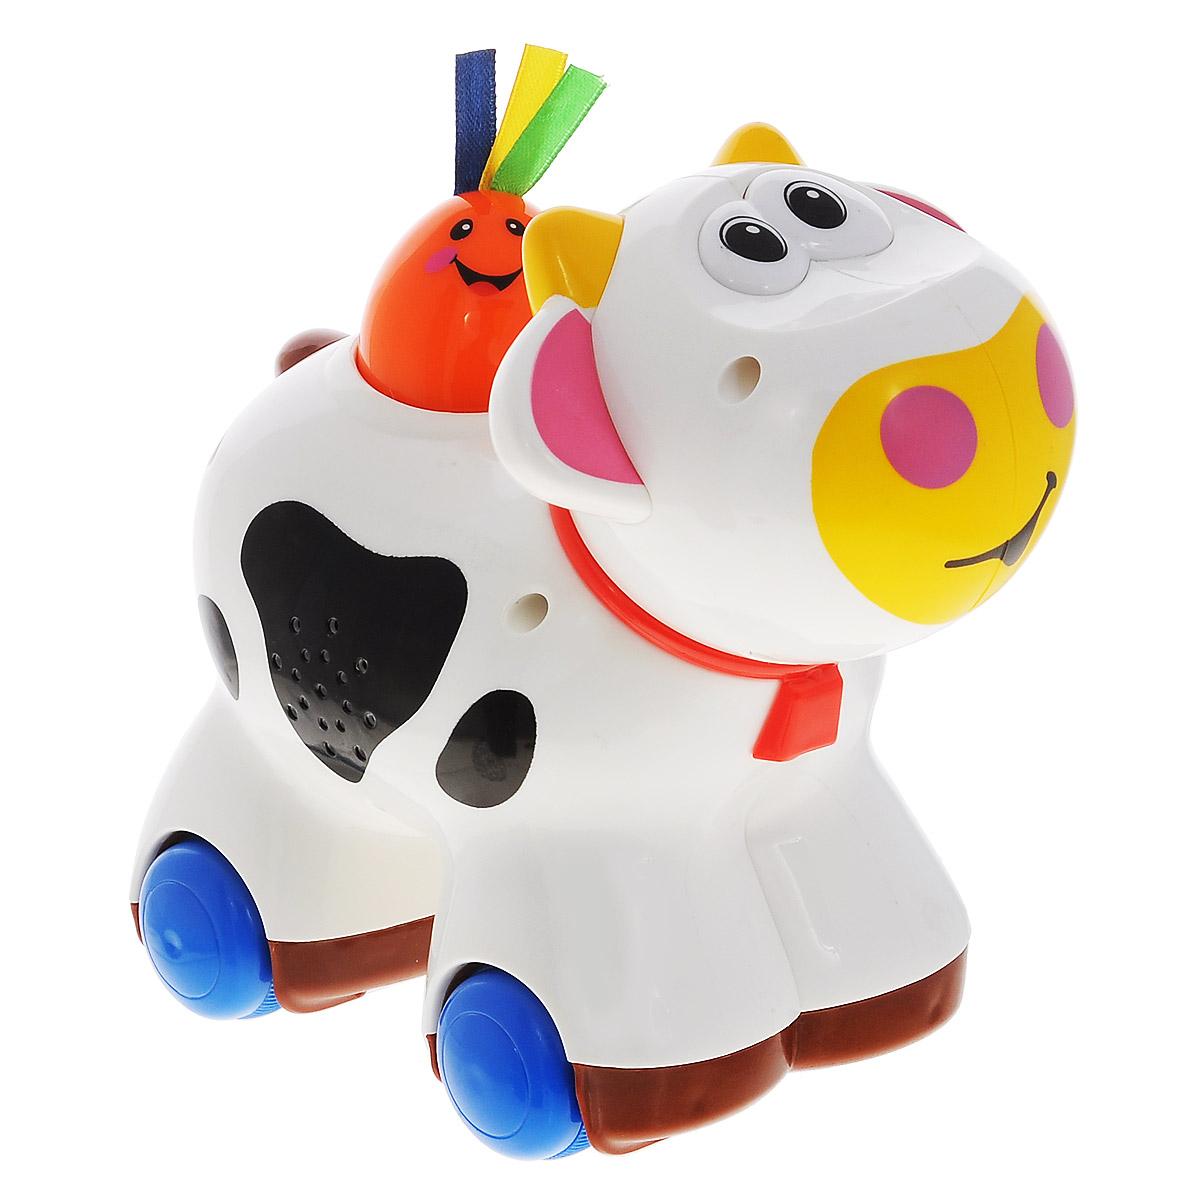 Kiddieland Игрушка-каталка Коровка Му-МуKID 045864Яркая игрушка-каталка Kiddieland Коровка Му-Му со звуковыми эффектами обязательно понравится малышу. Смешная и яркая игрушка-каталка развлечет малыша приятными мелодиями. При нажатии оранжевого персонажа на спине коровки игрушка едет сама, при этом звучат веселые мелодии и мычание. Также нажатием этого персонажа переключается звук. Голова игрушки поворачивается, при этом раздается забавный треск. Игрушка способствует развитию, мелкой моторики, цветовосприятия, воображения и творческого мышления. Рекомендуемый возраст: от 12 месяцев. Питание: 2 батарейки типа АА (входят в комплект).